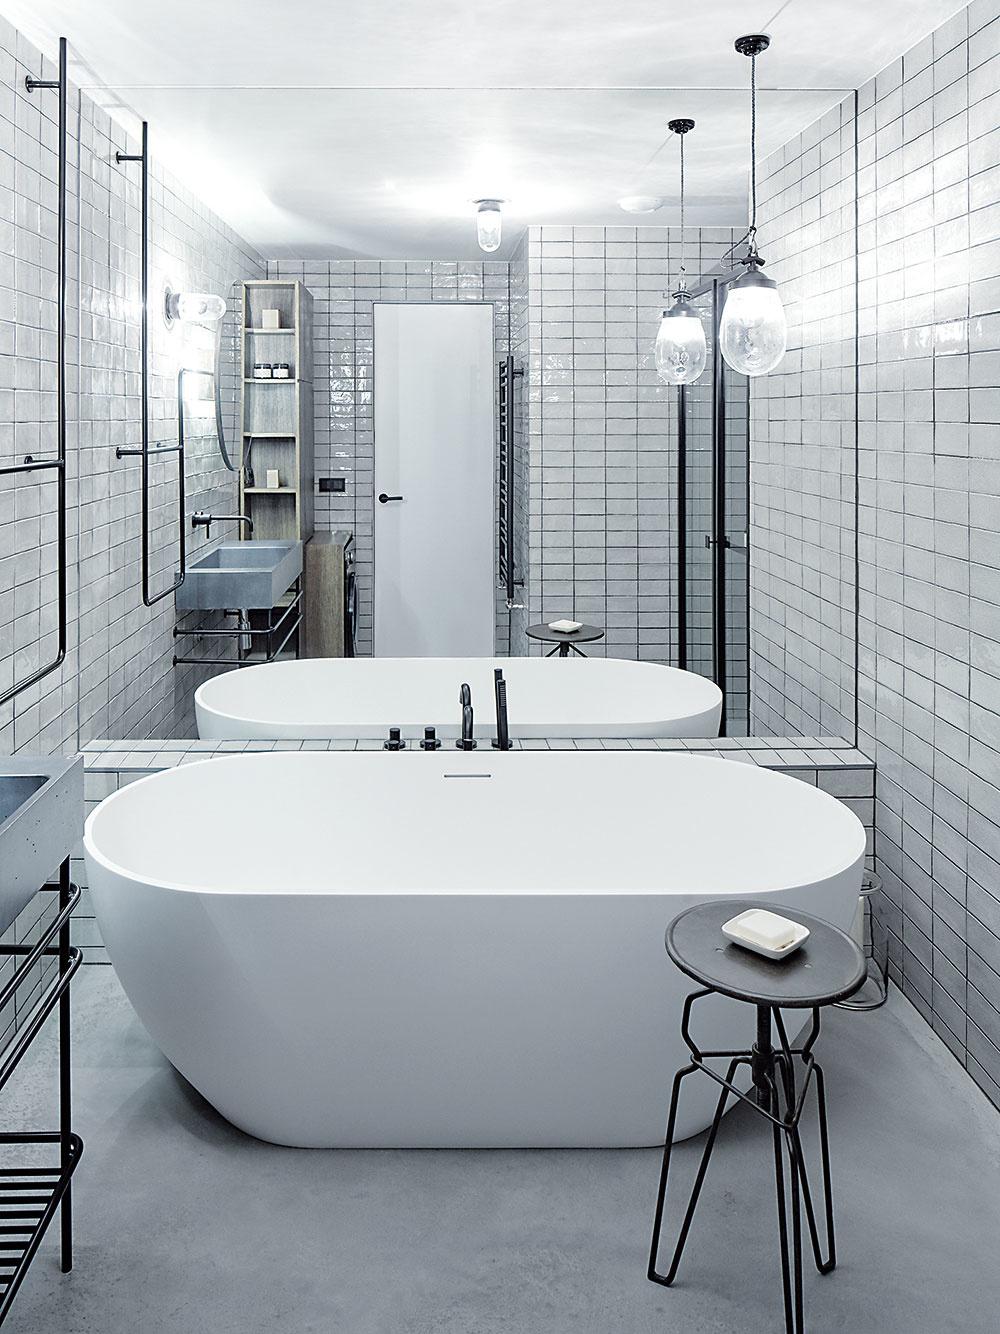 Zrkadlo pokrýva takmer celú jednu stenu kúpeľne. Pred ním sa vyníma vaňa Riho Bilbao.